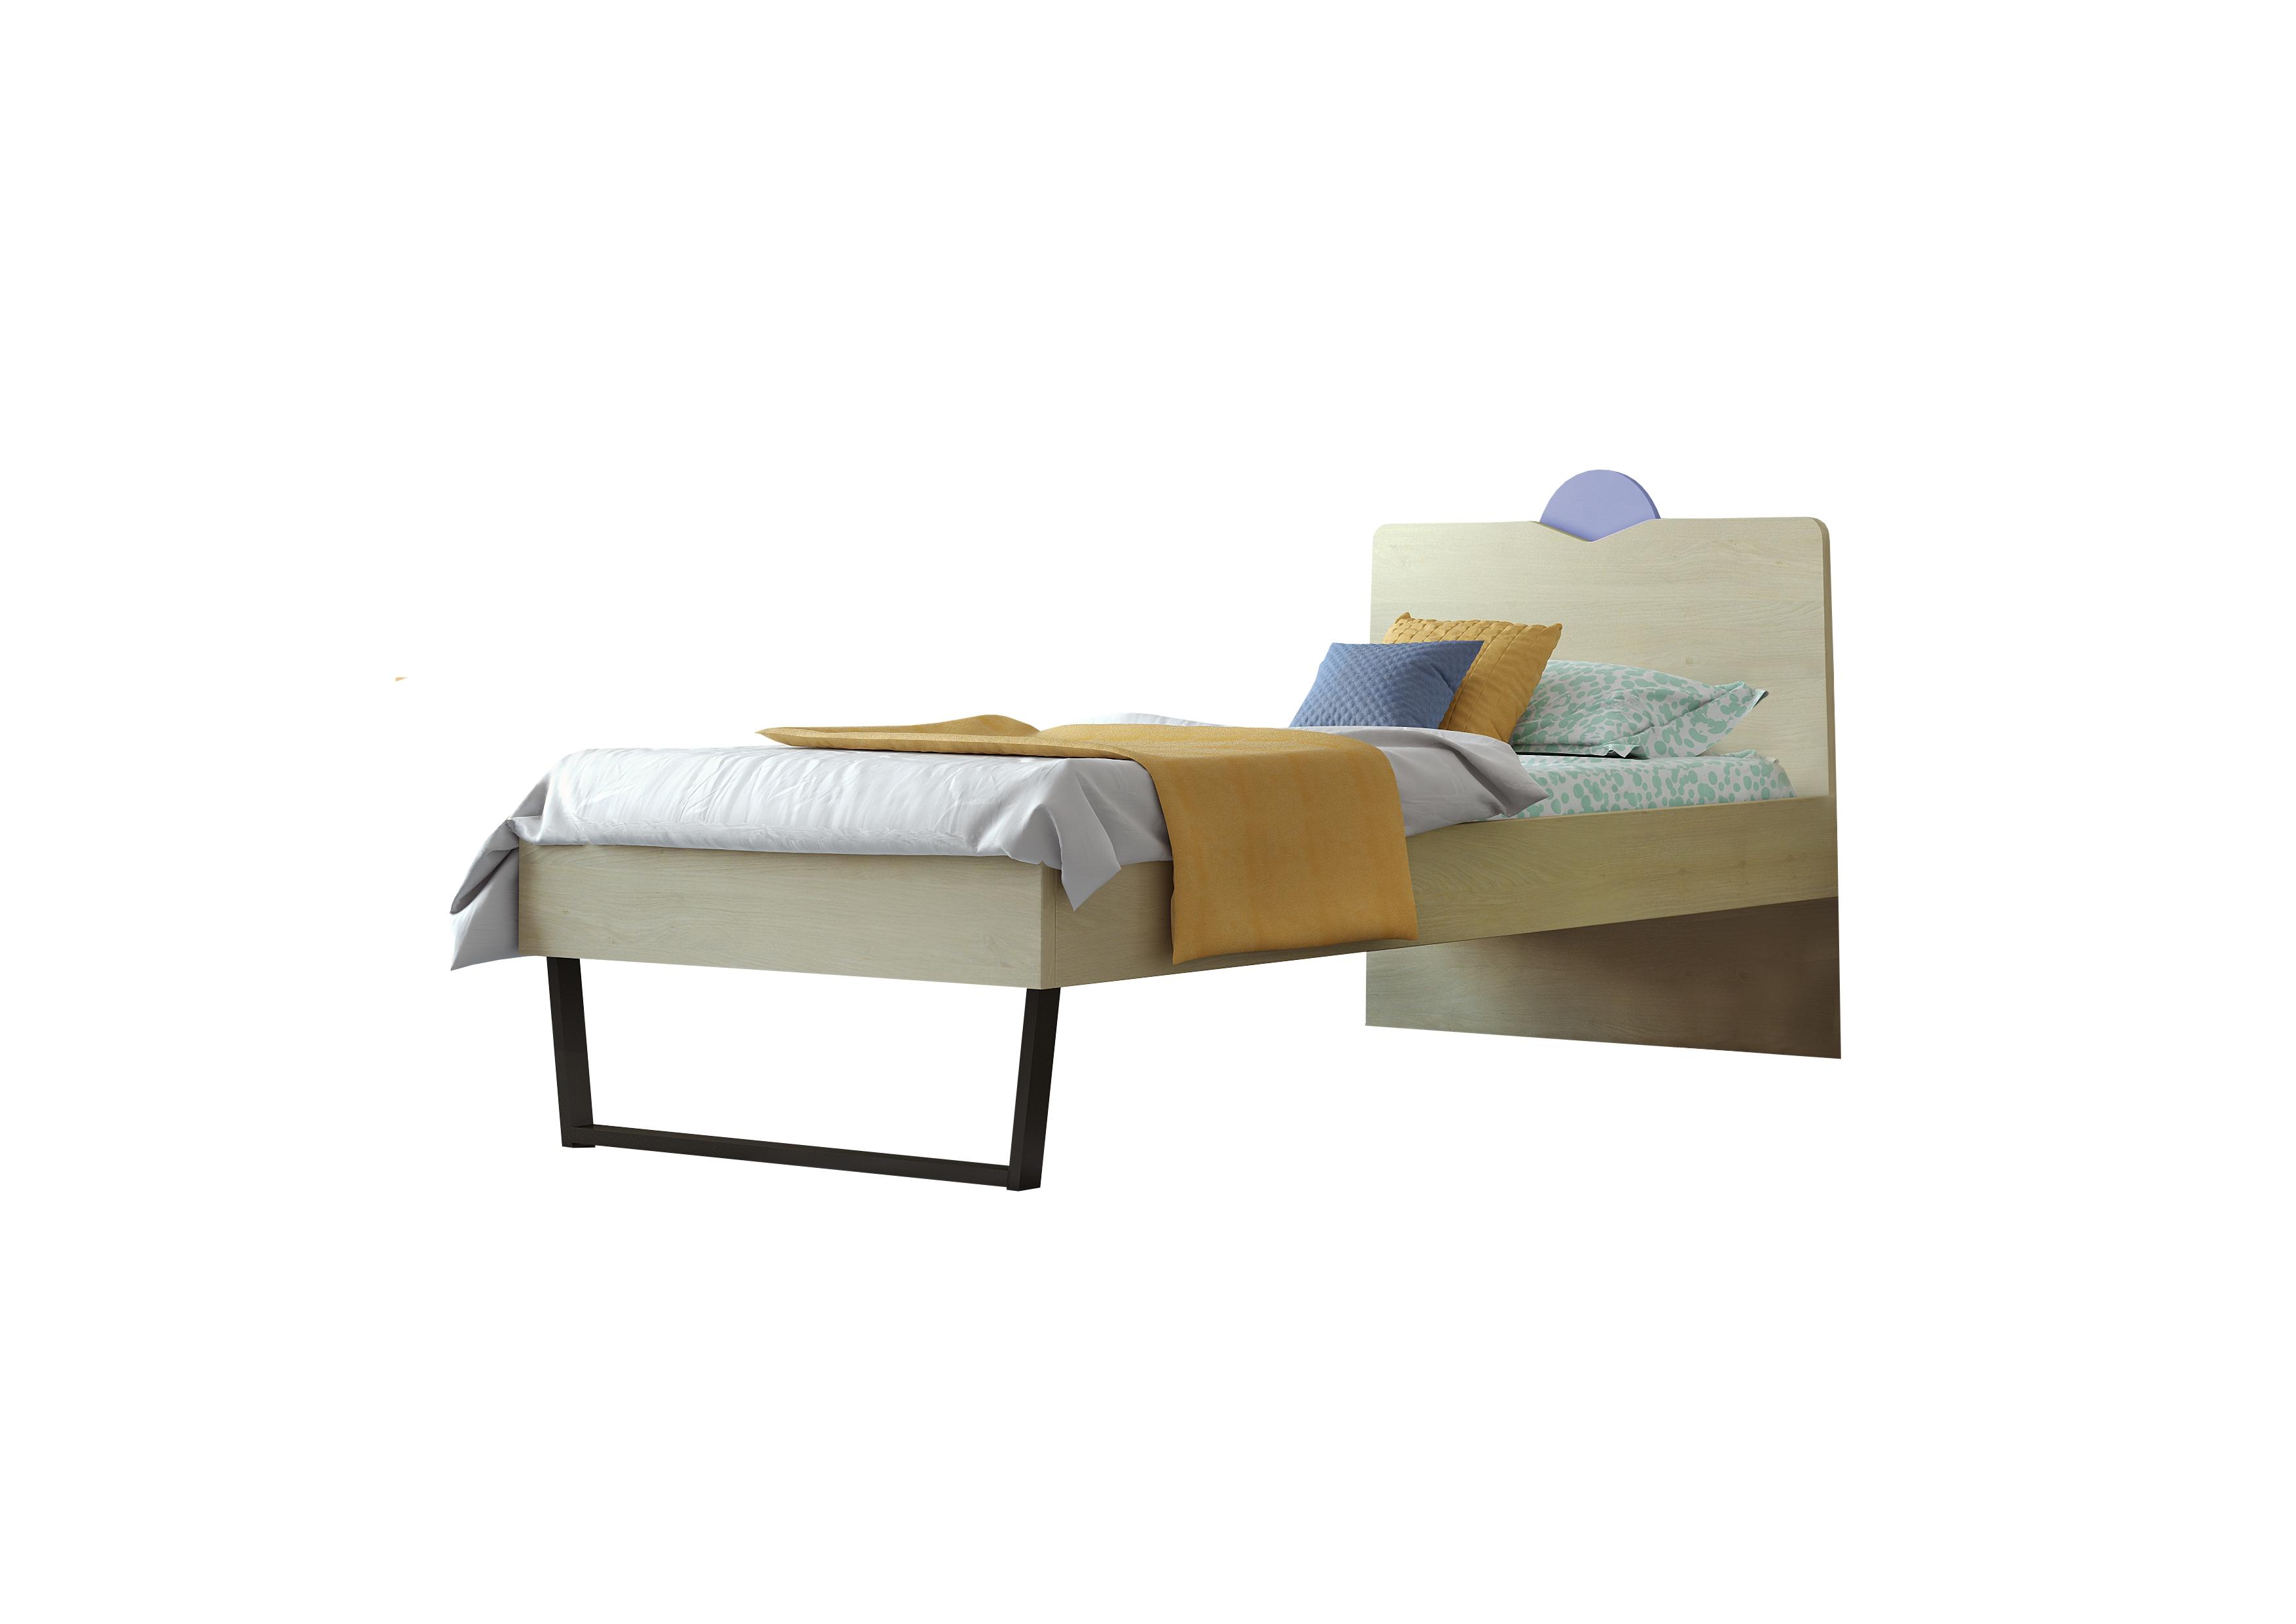 """Παιδικό κρεβάτι """"ΑΝΑΤΟΛΗ"""" ημίδιπλο σε χρώμα δρυς-σιελ 110x190"""